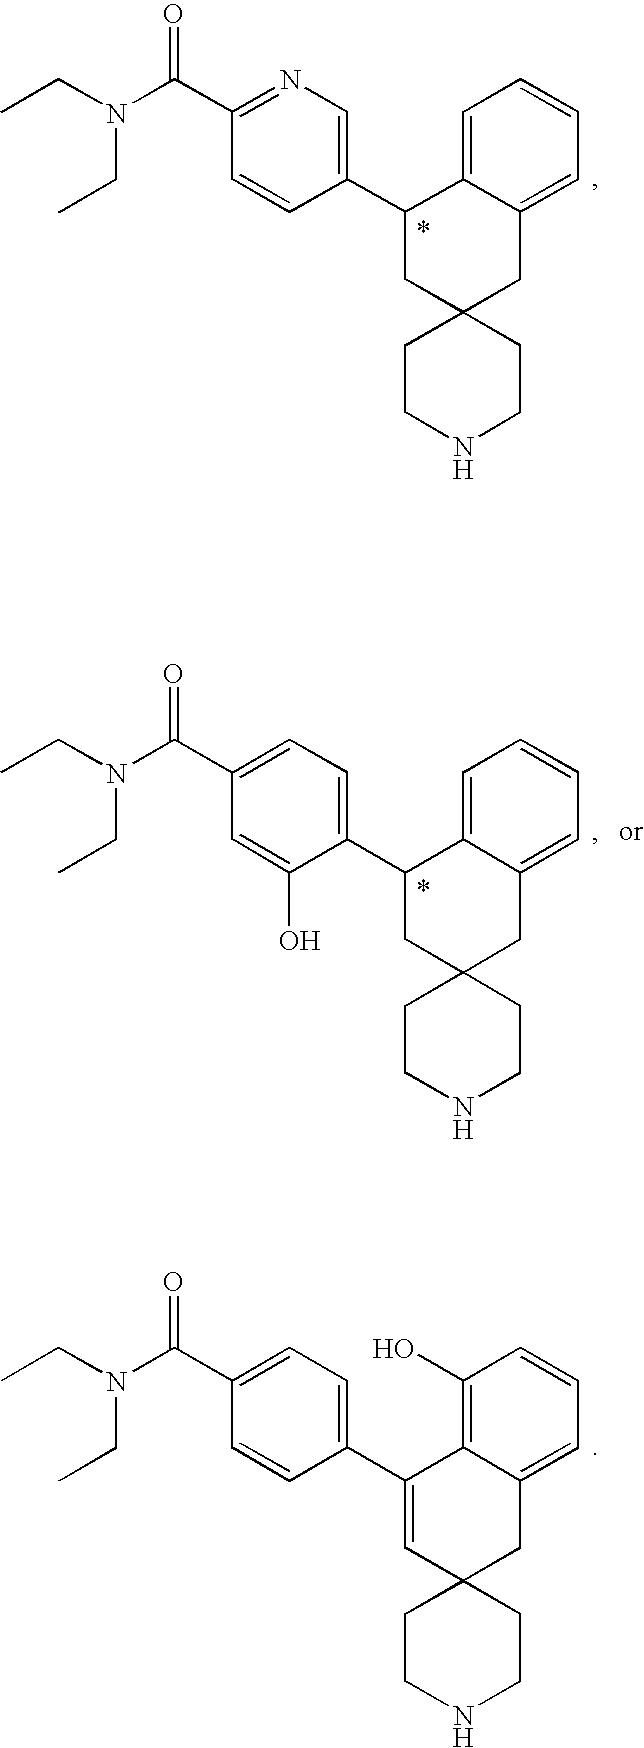 Figure US07598261-20091006-C00063